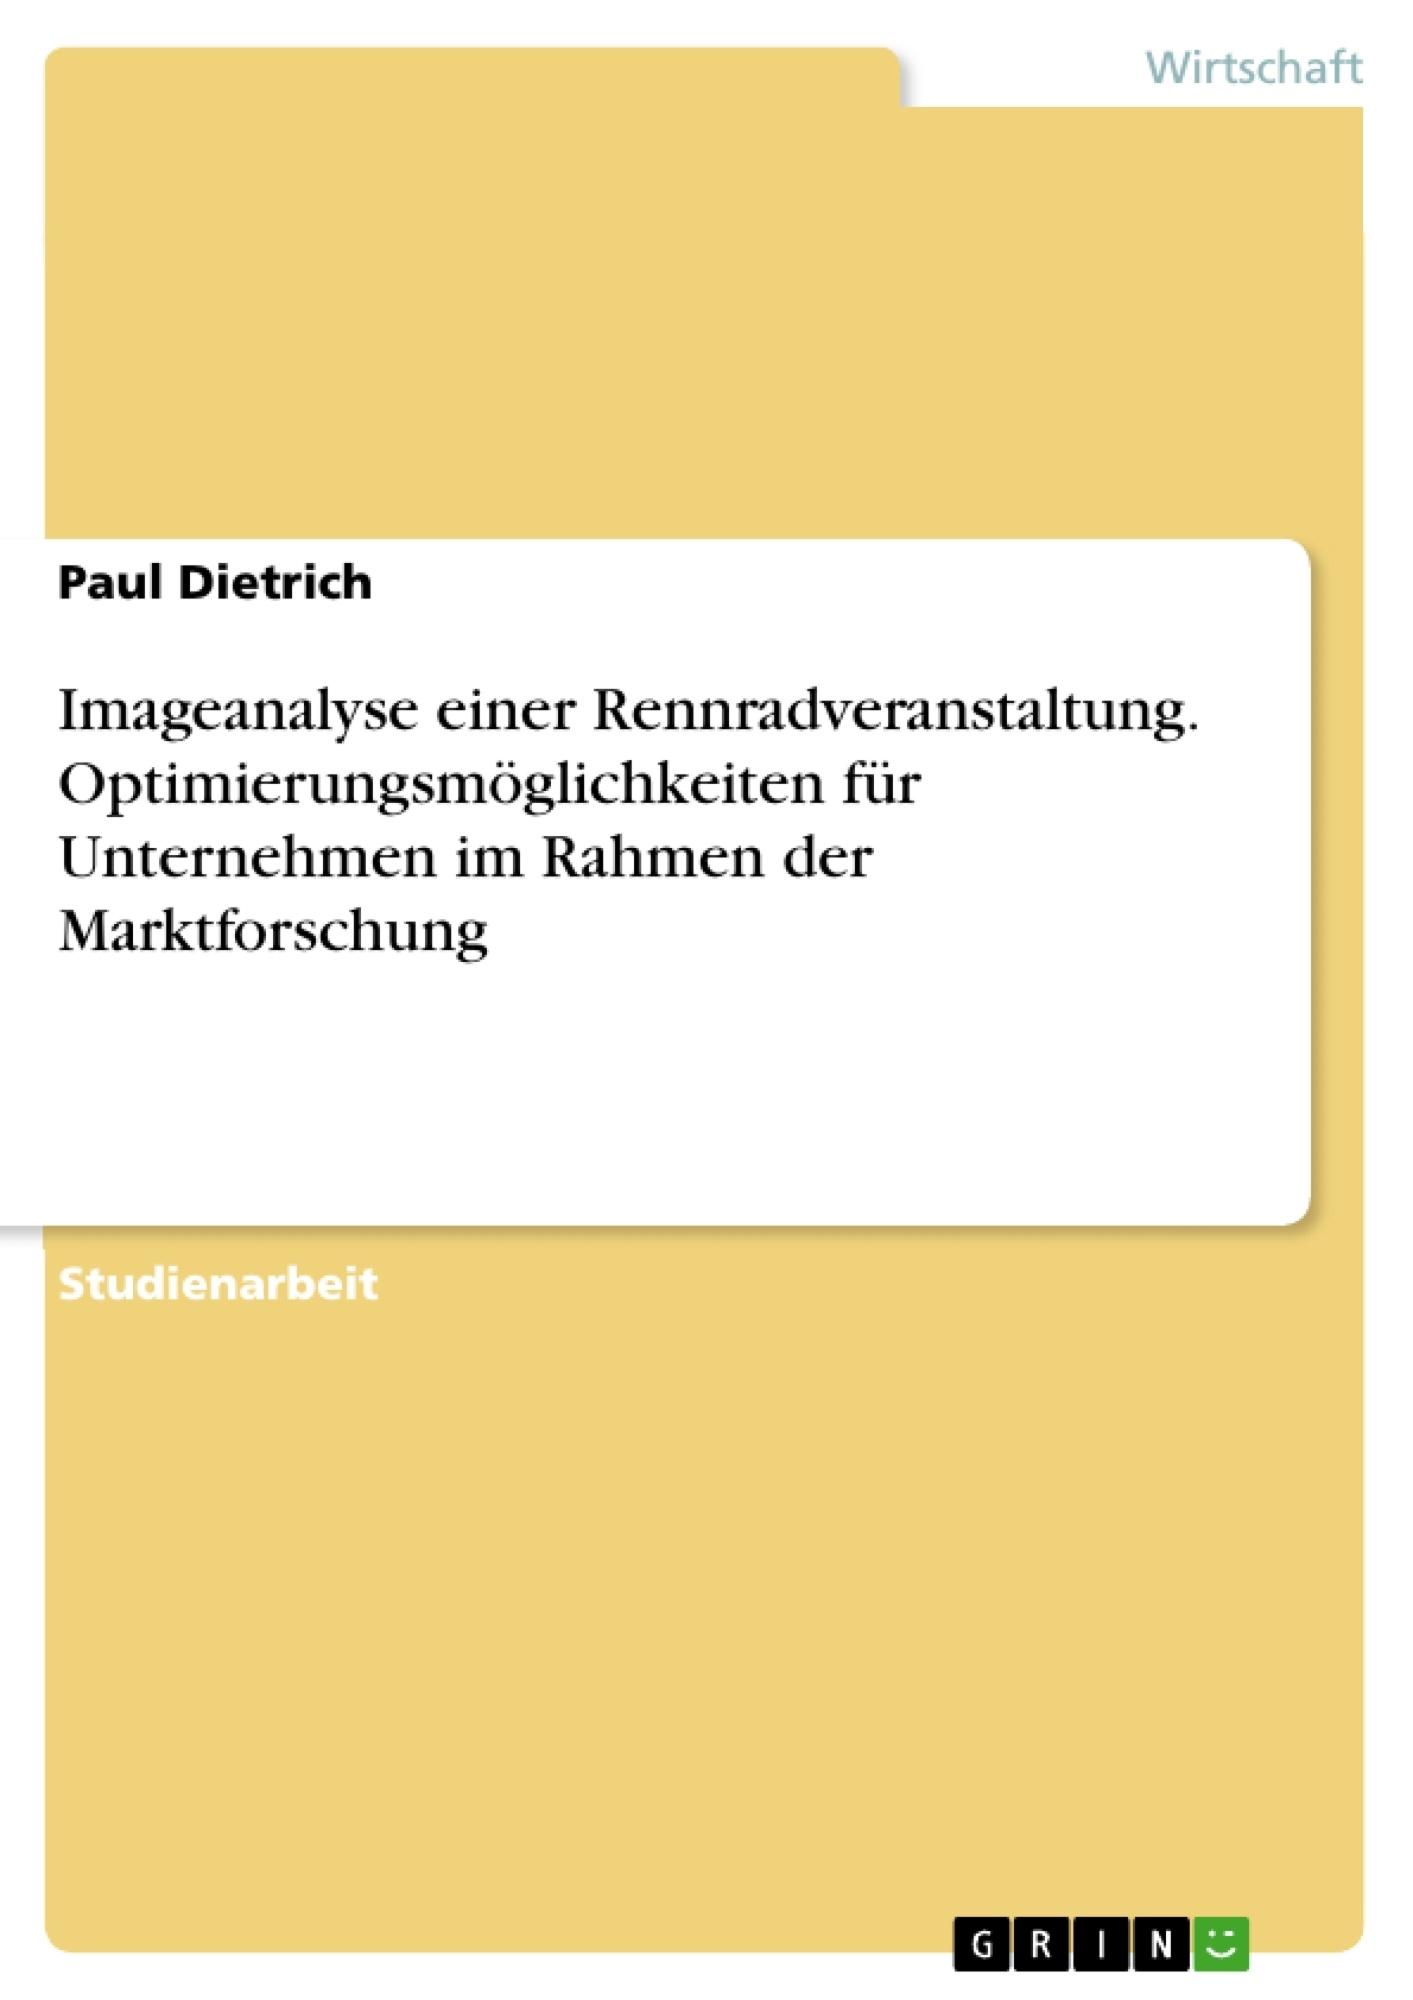 Titel: Imageanalyse einer Rennradveranstaltung. Optimierungsmöglichkeiten für Unternehmen im Rahmen der Marktforschung